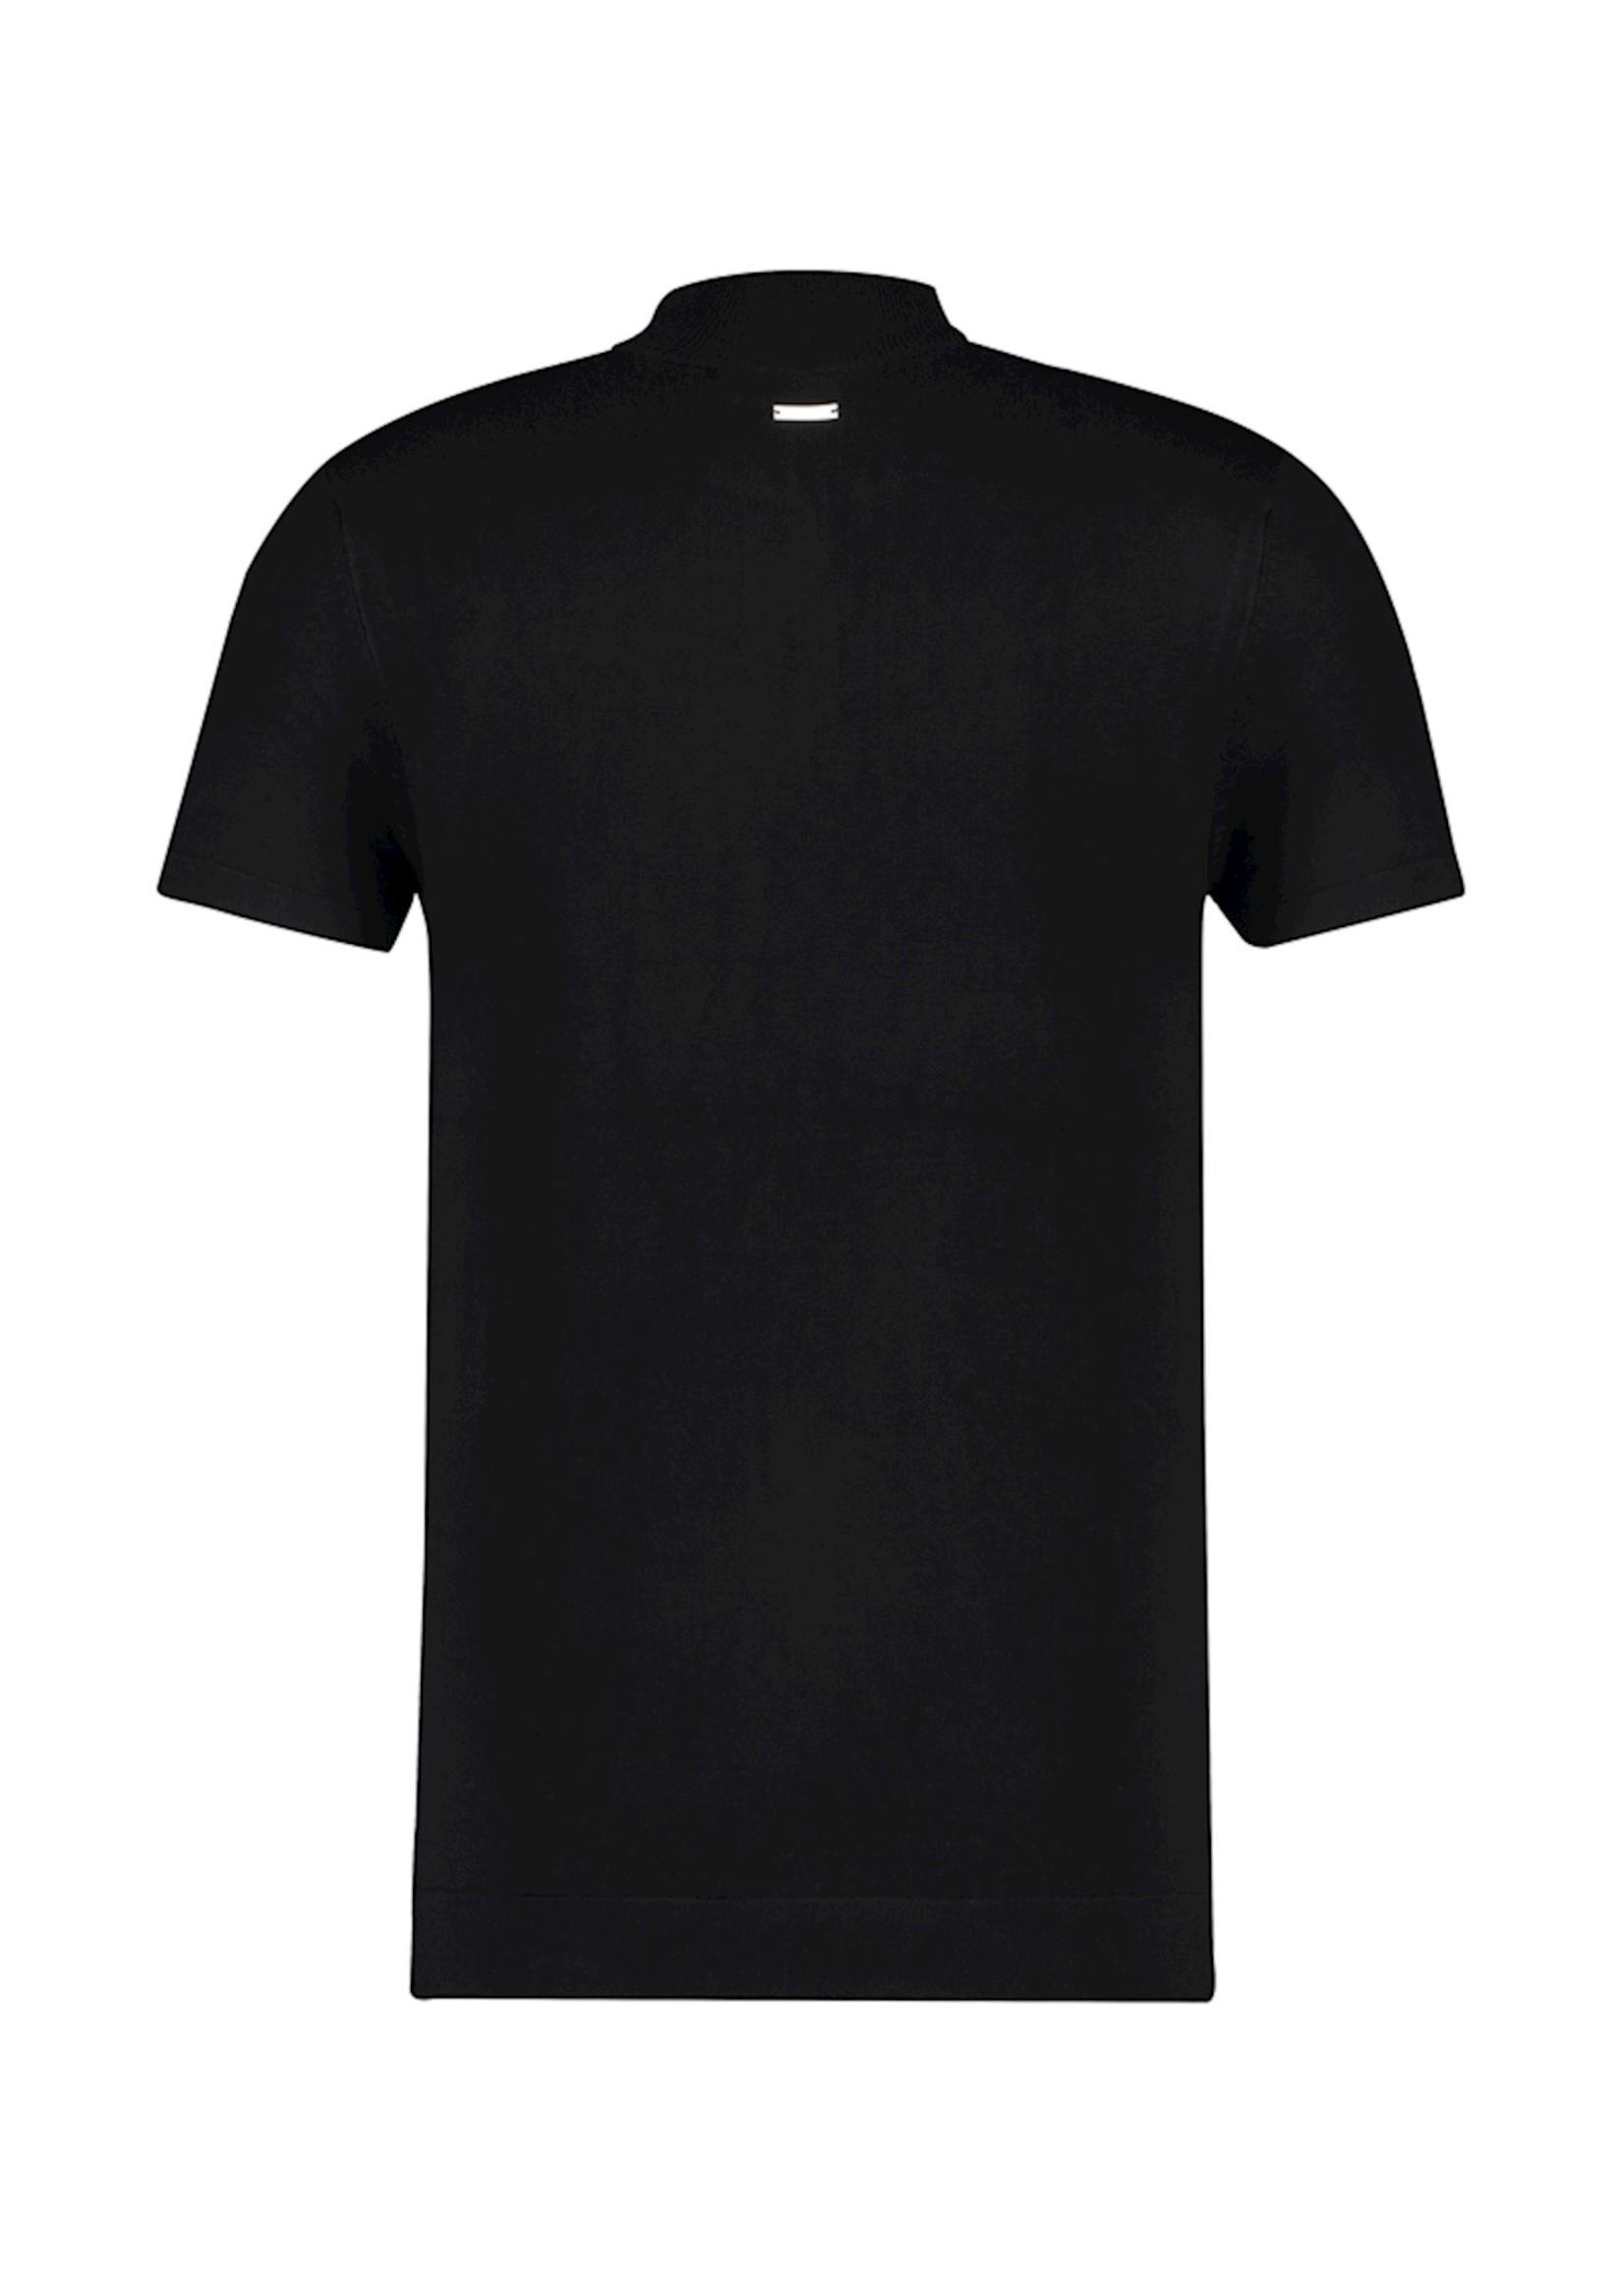 Purewhite Knitted Half Zip T-shirt - Black